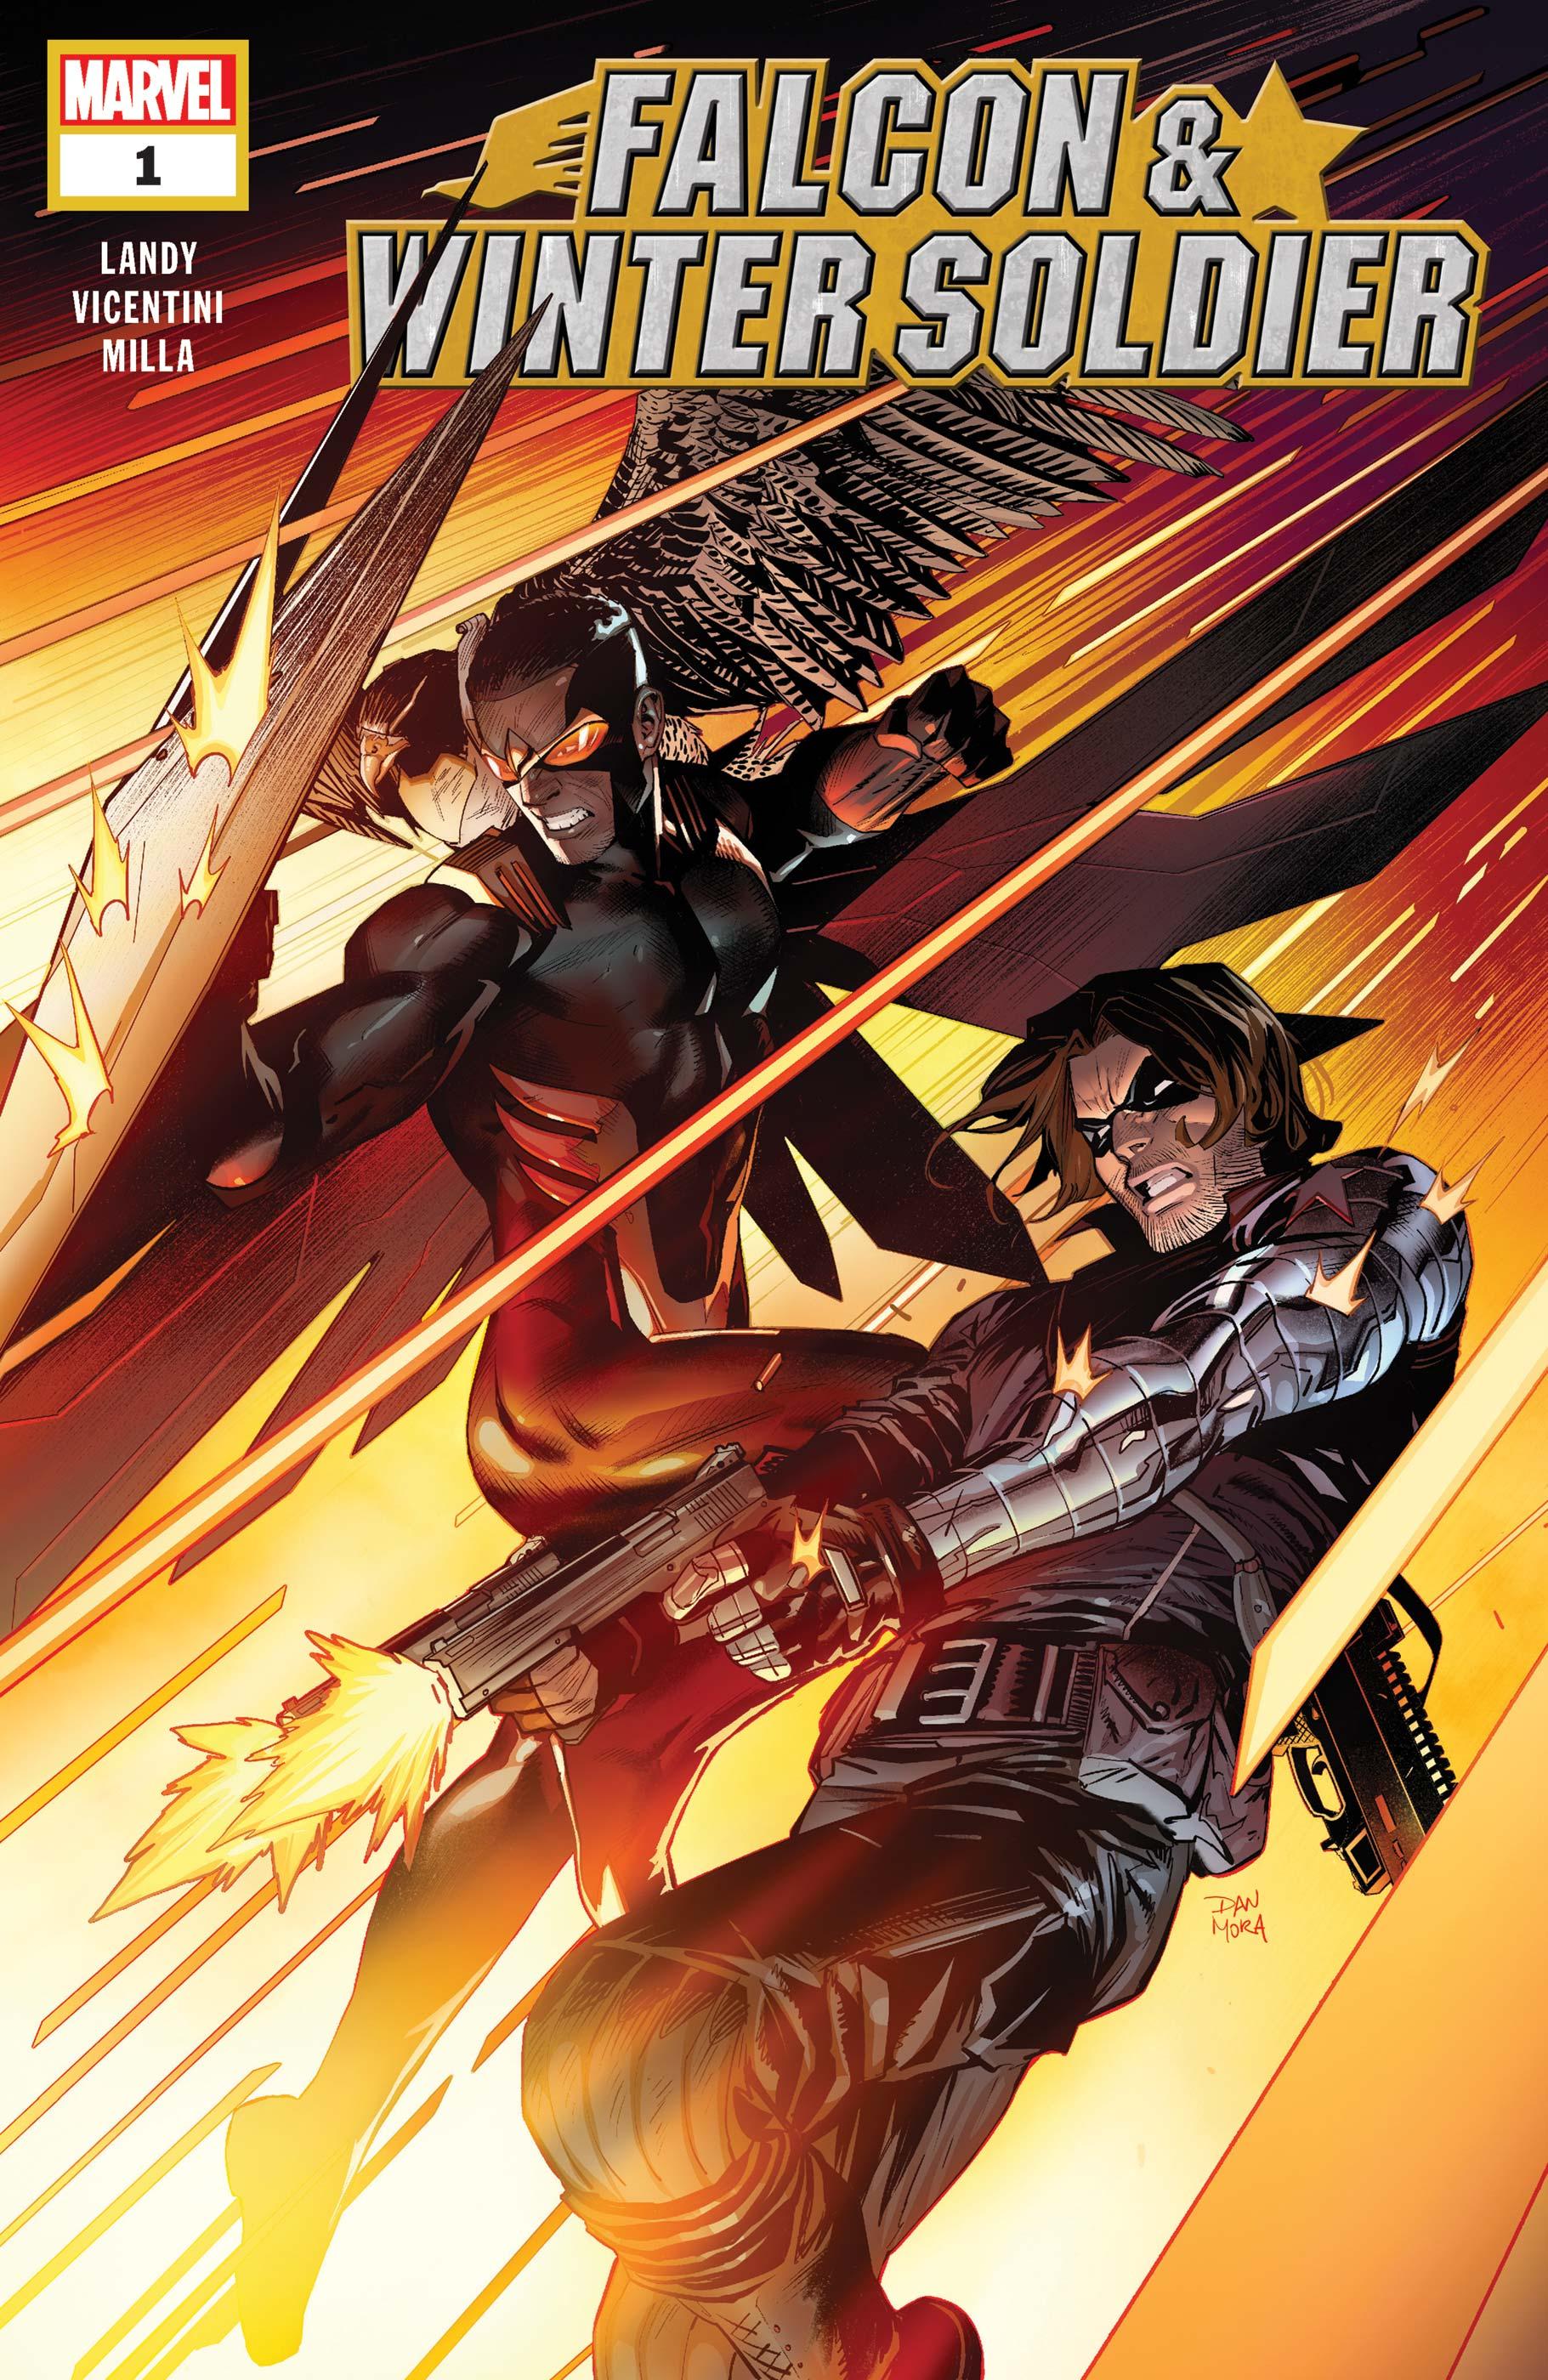 Falcon & Winter Soldier (2020) #1